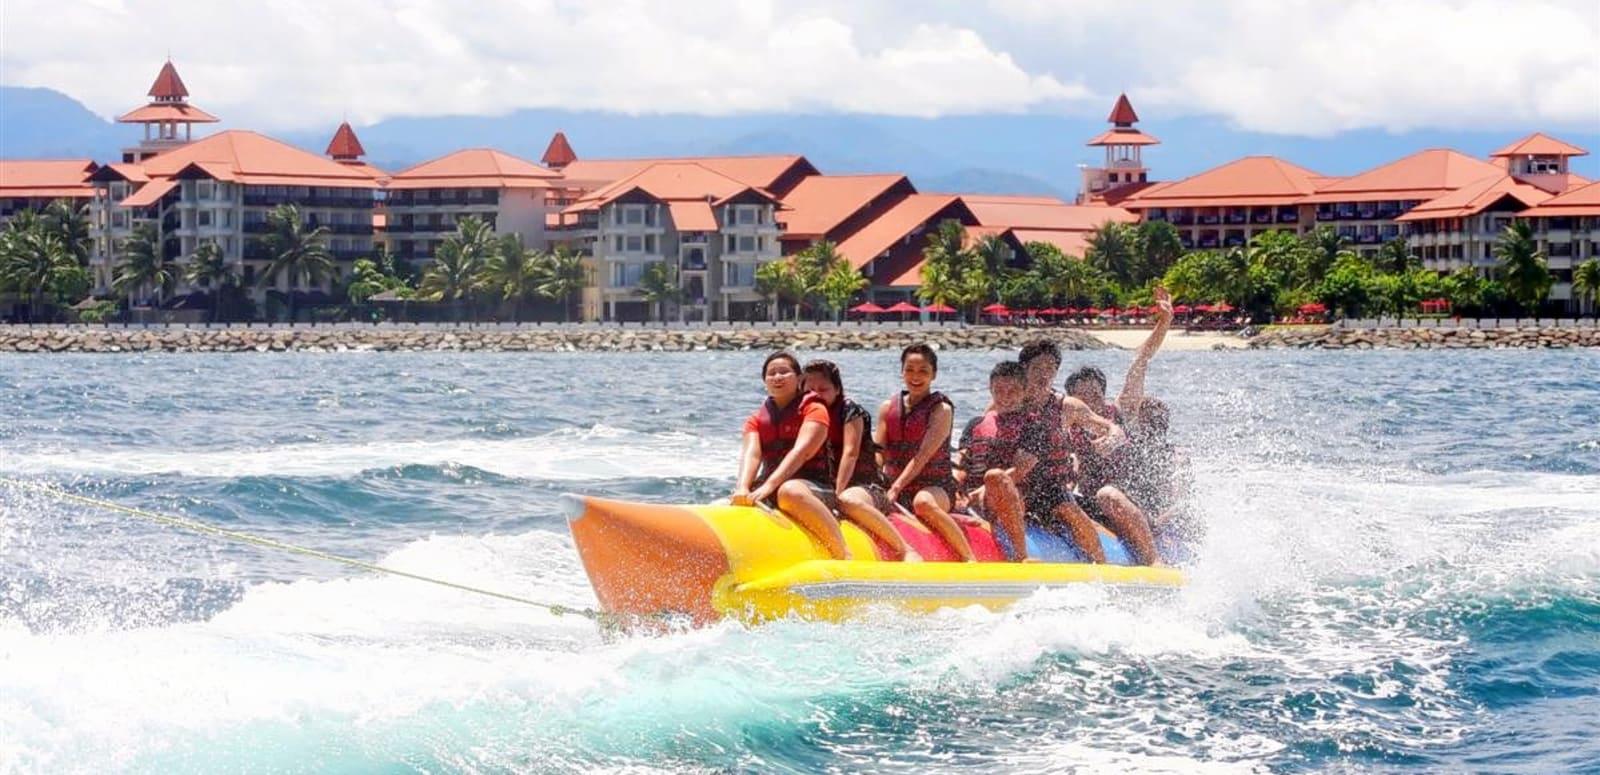 Paddleboat rentals and kayak